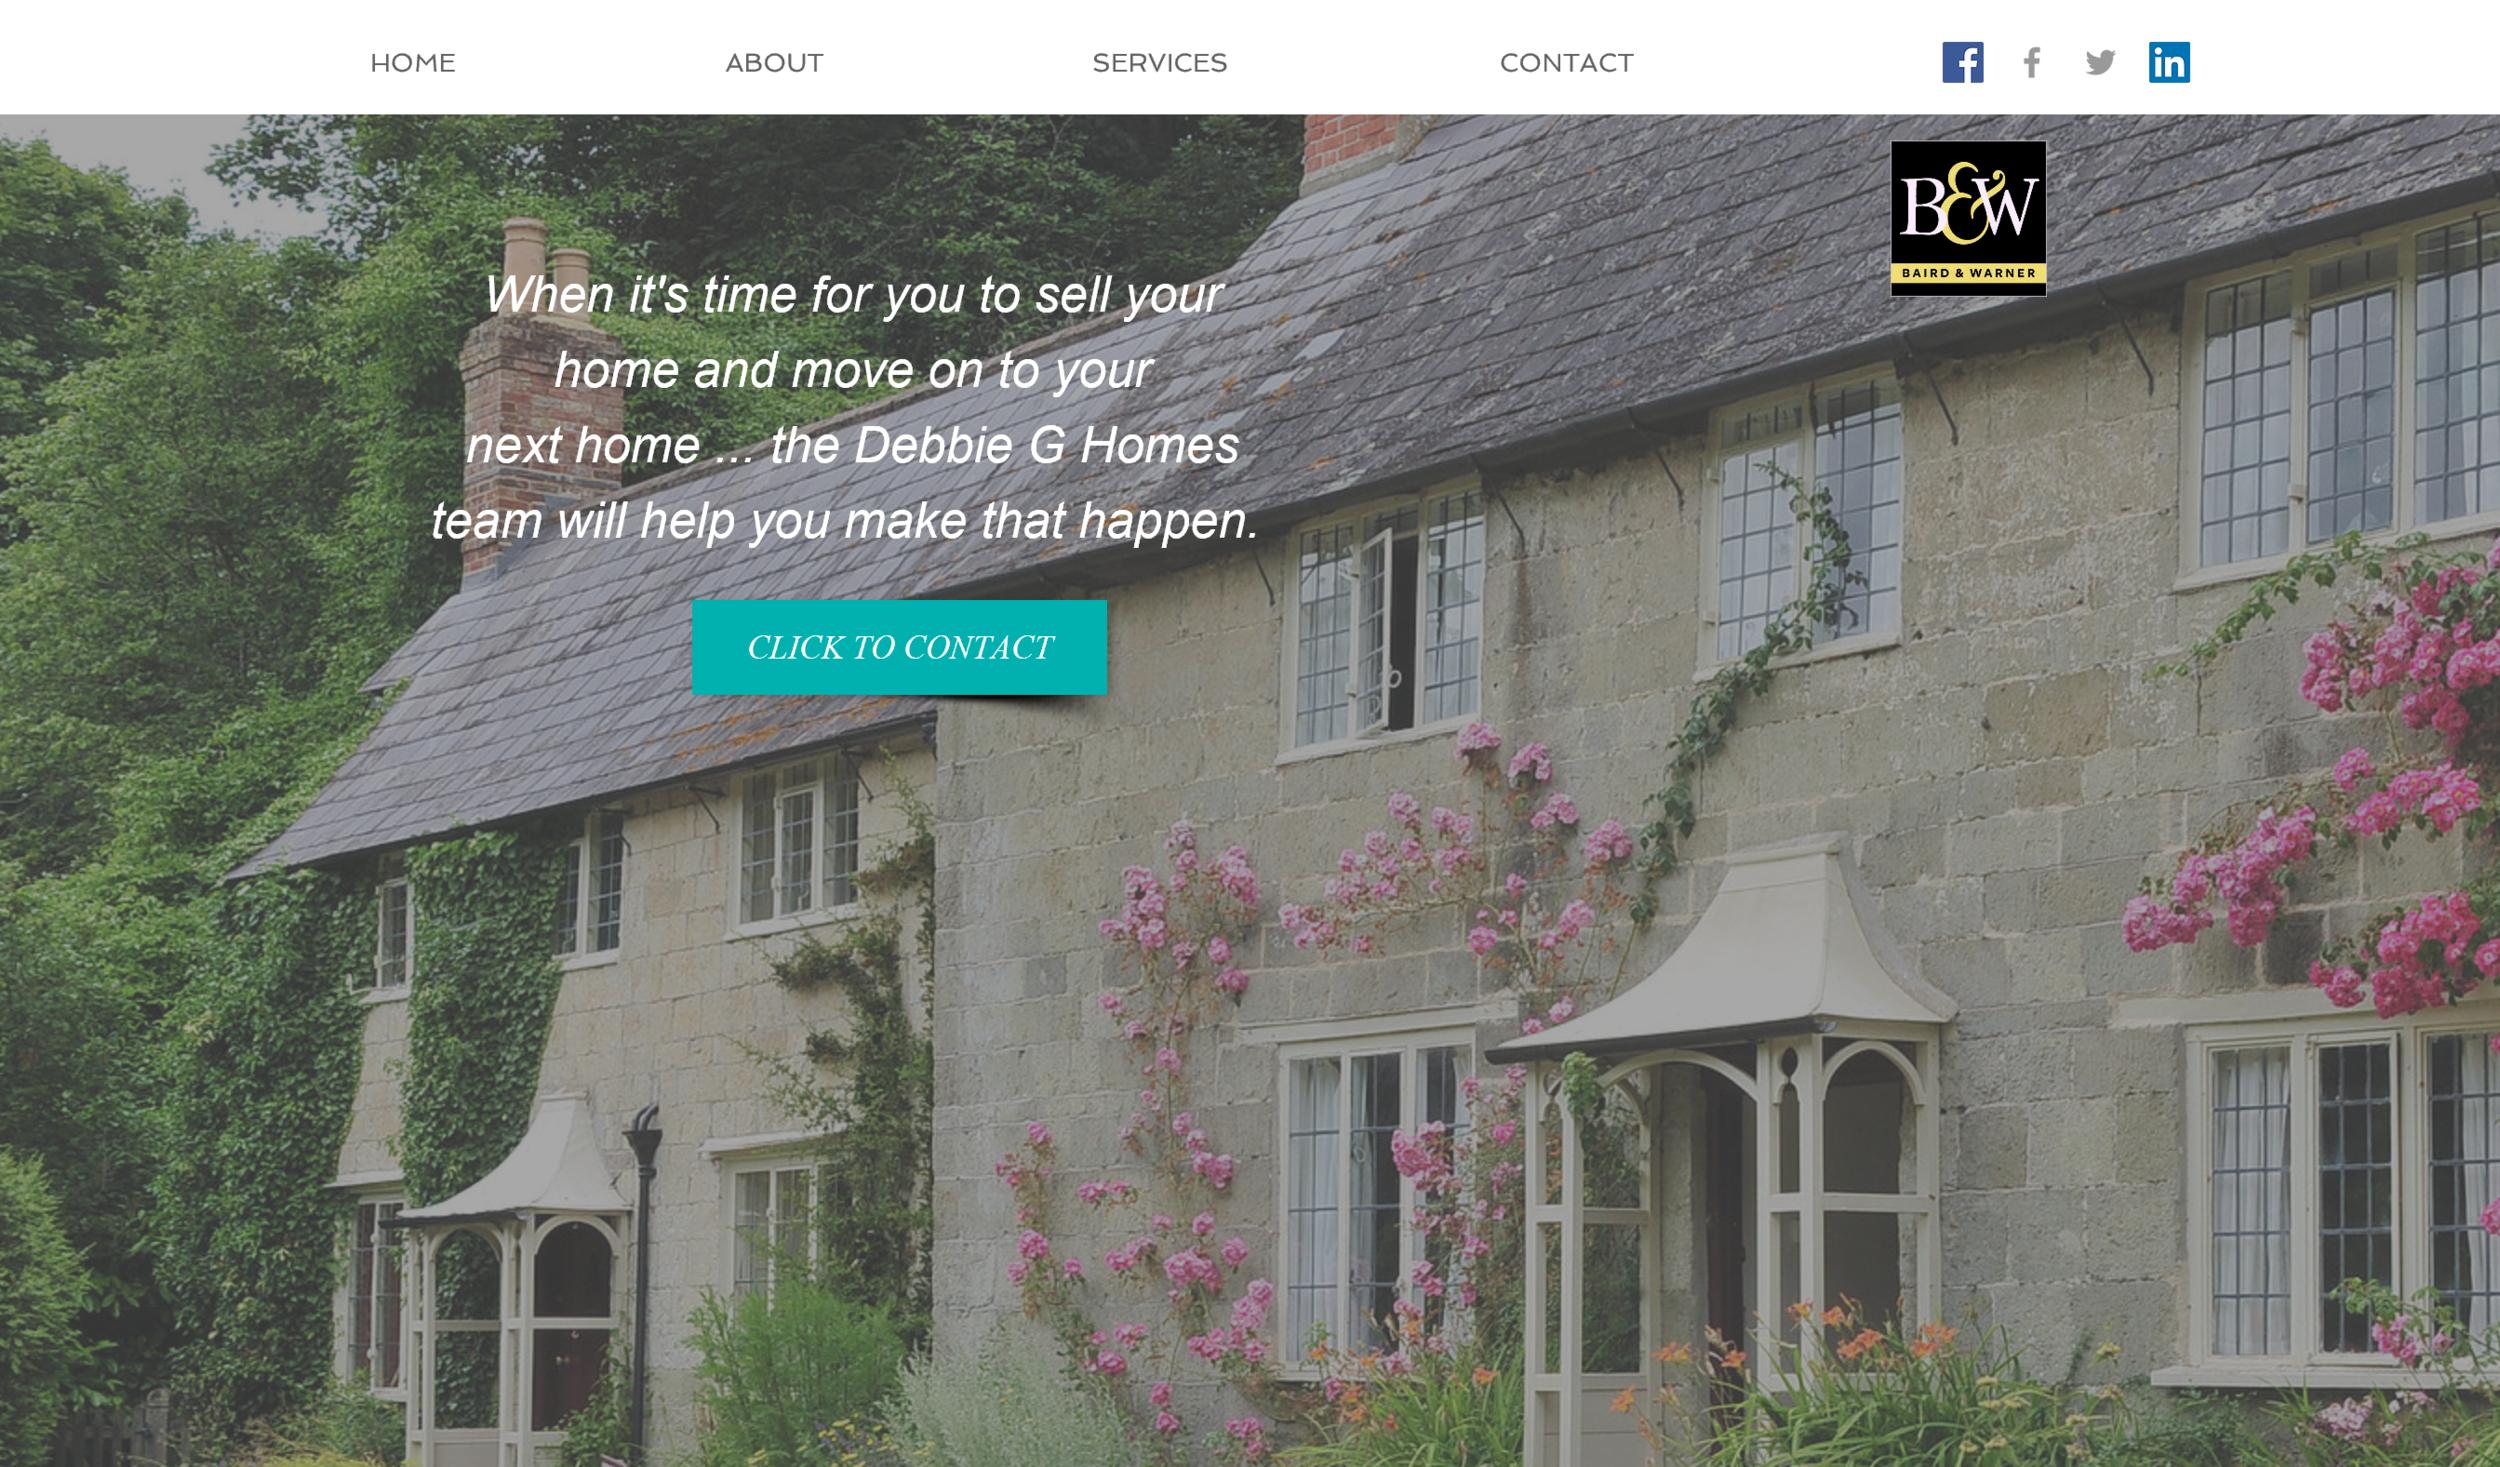 Website design for Chicago real estate agent